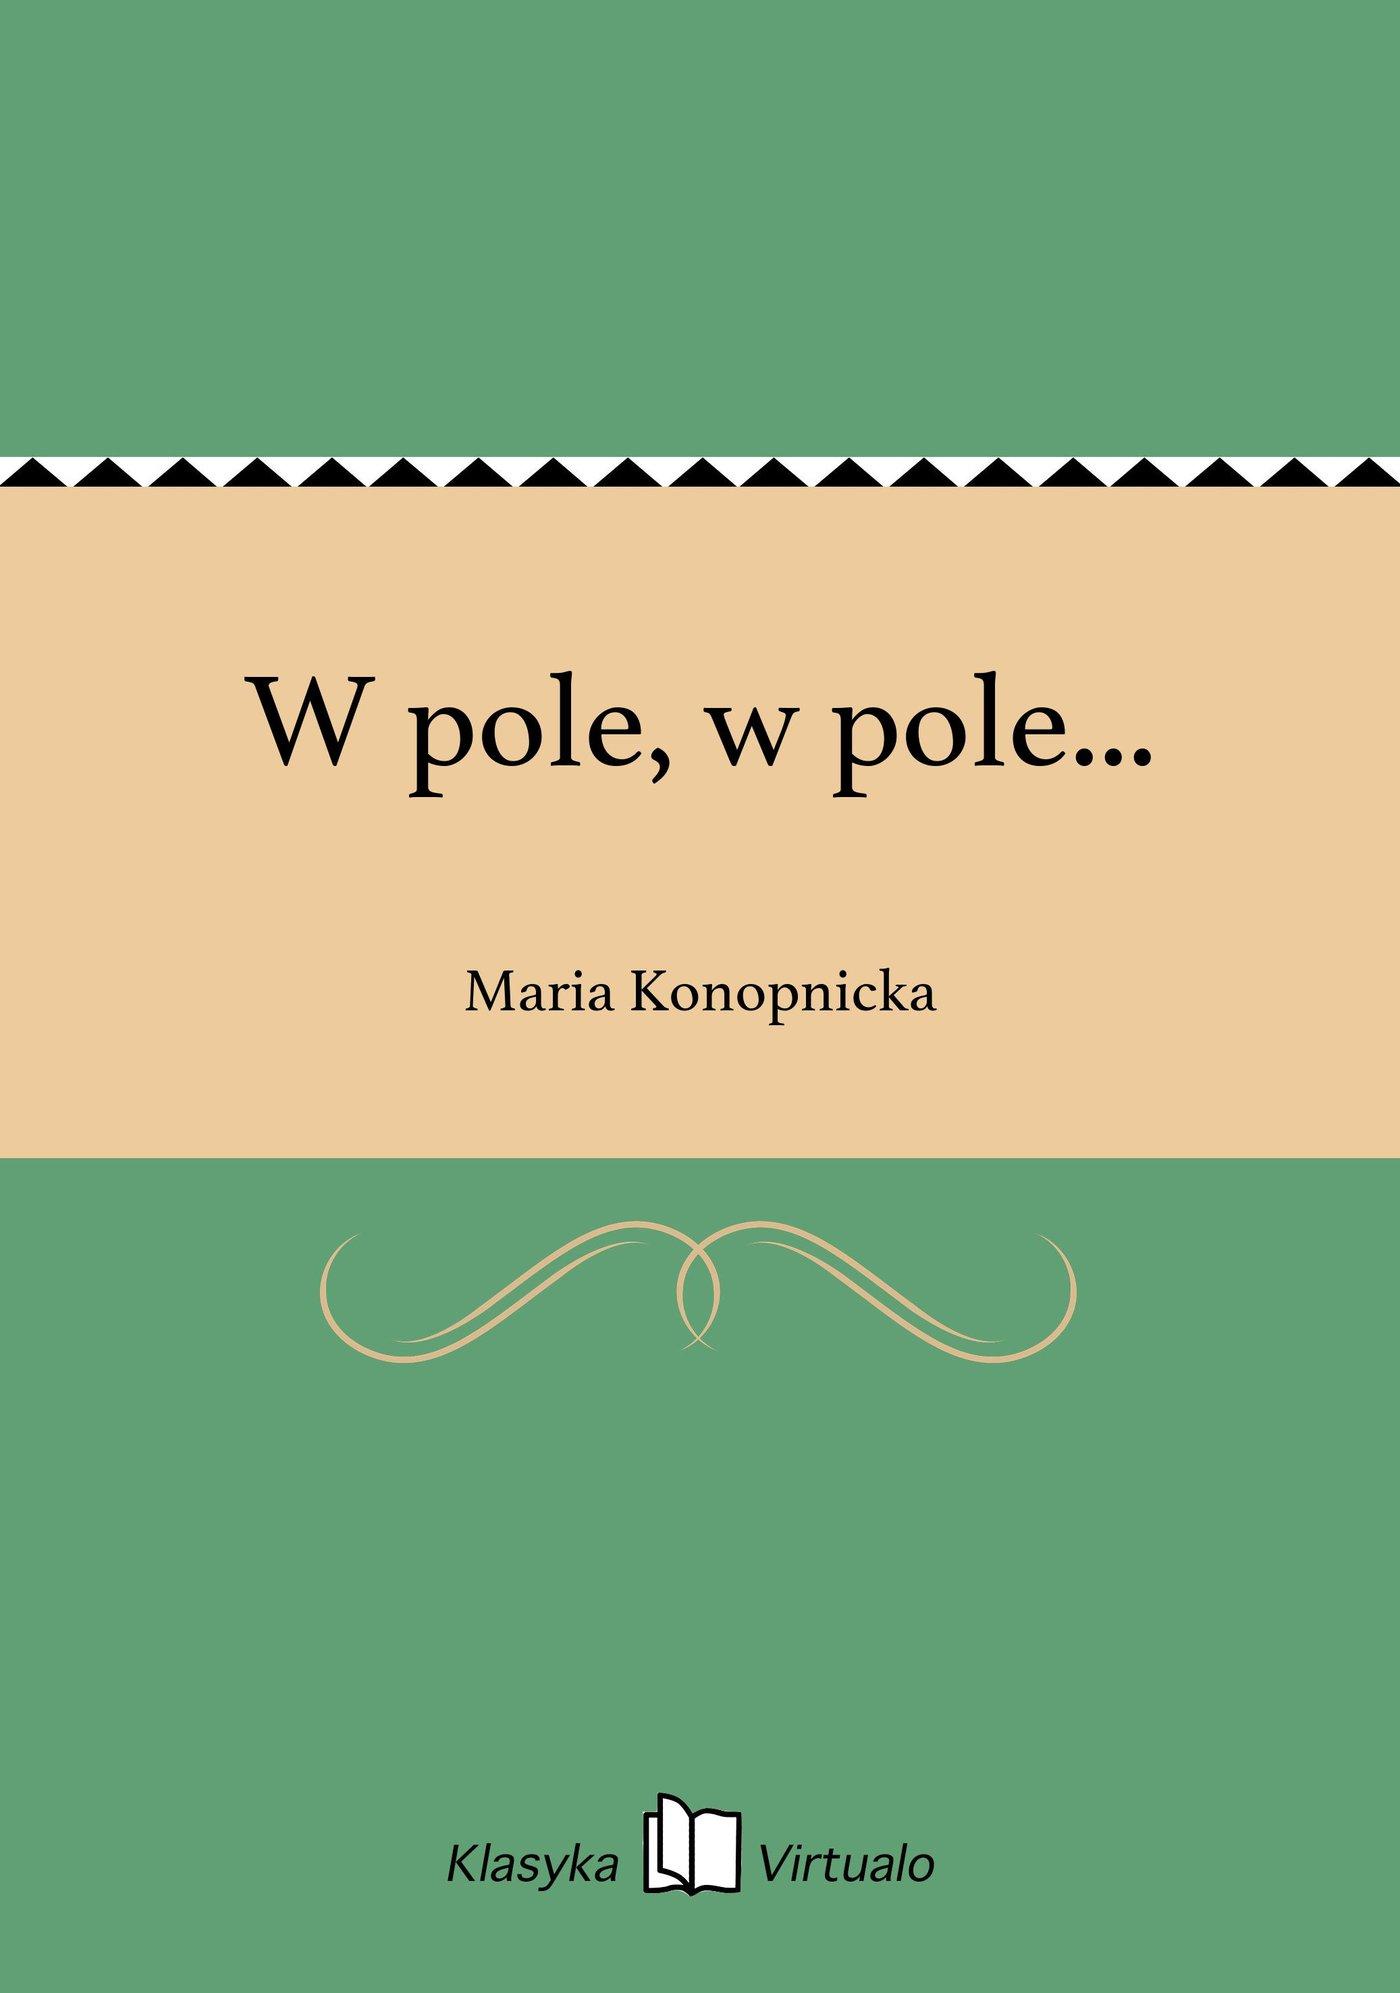 W pole, w pole... - Ebook (Książka EPUB) do pobrania w formacie EPUB